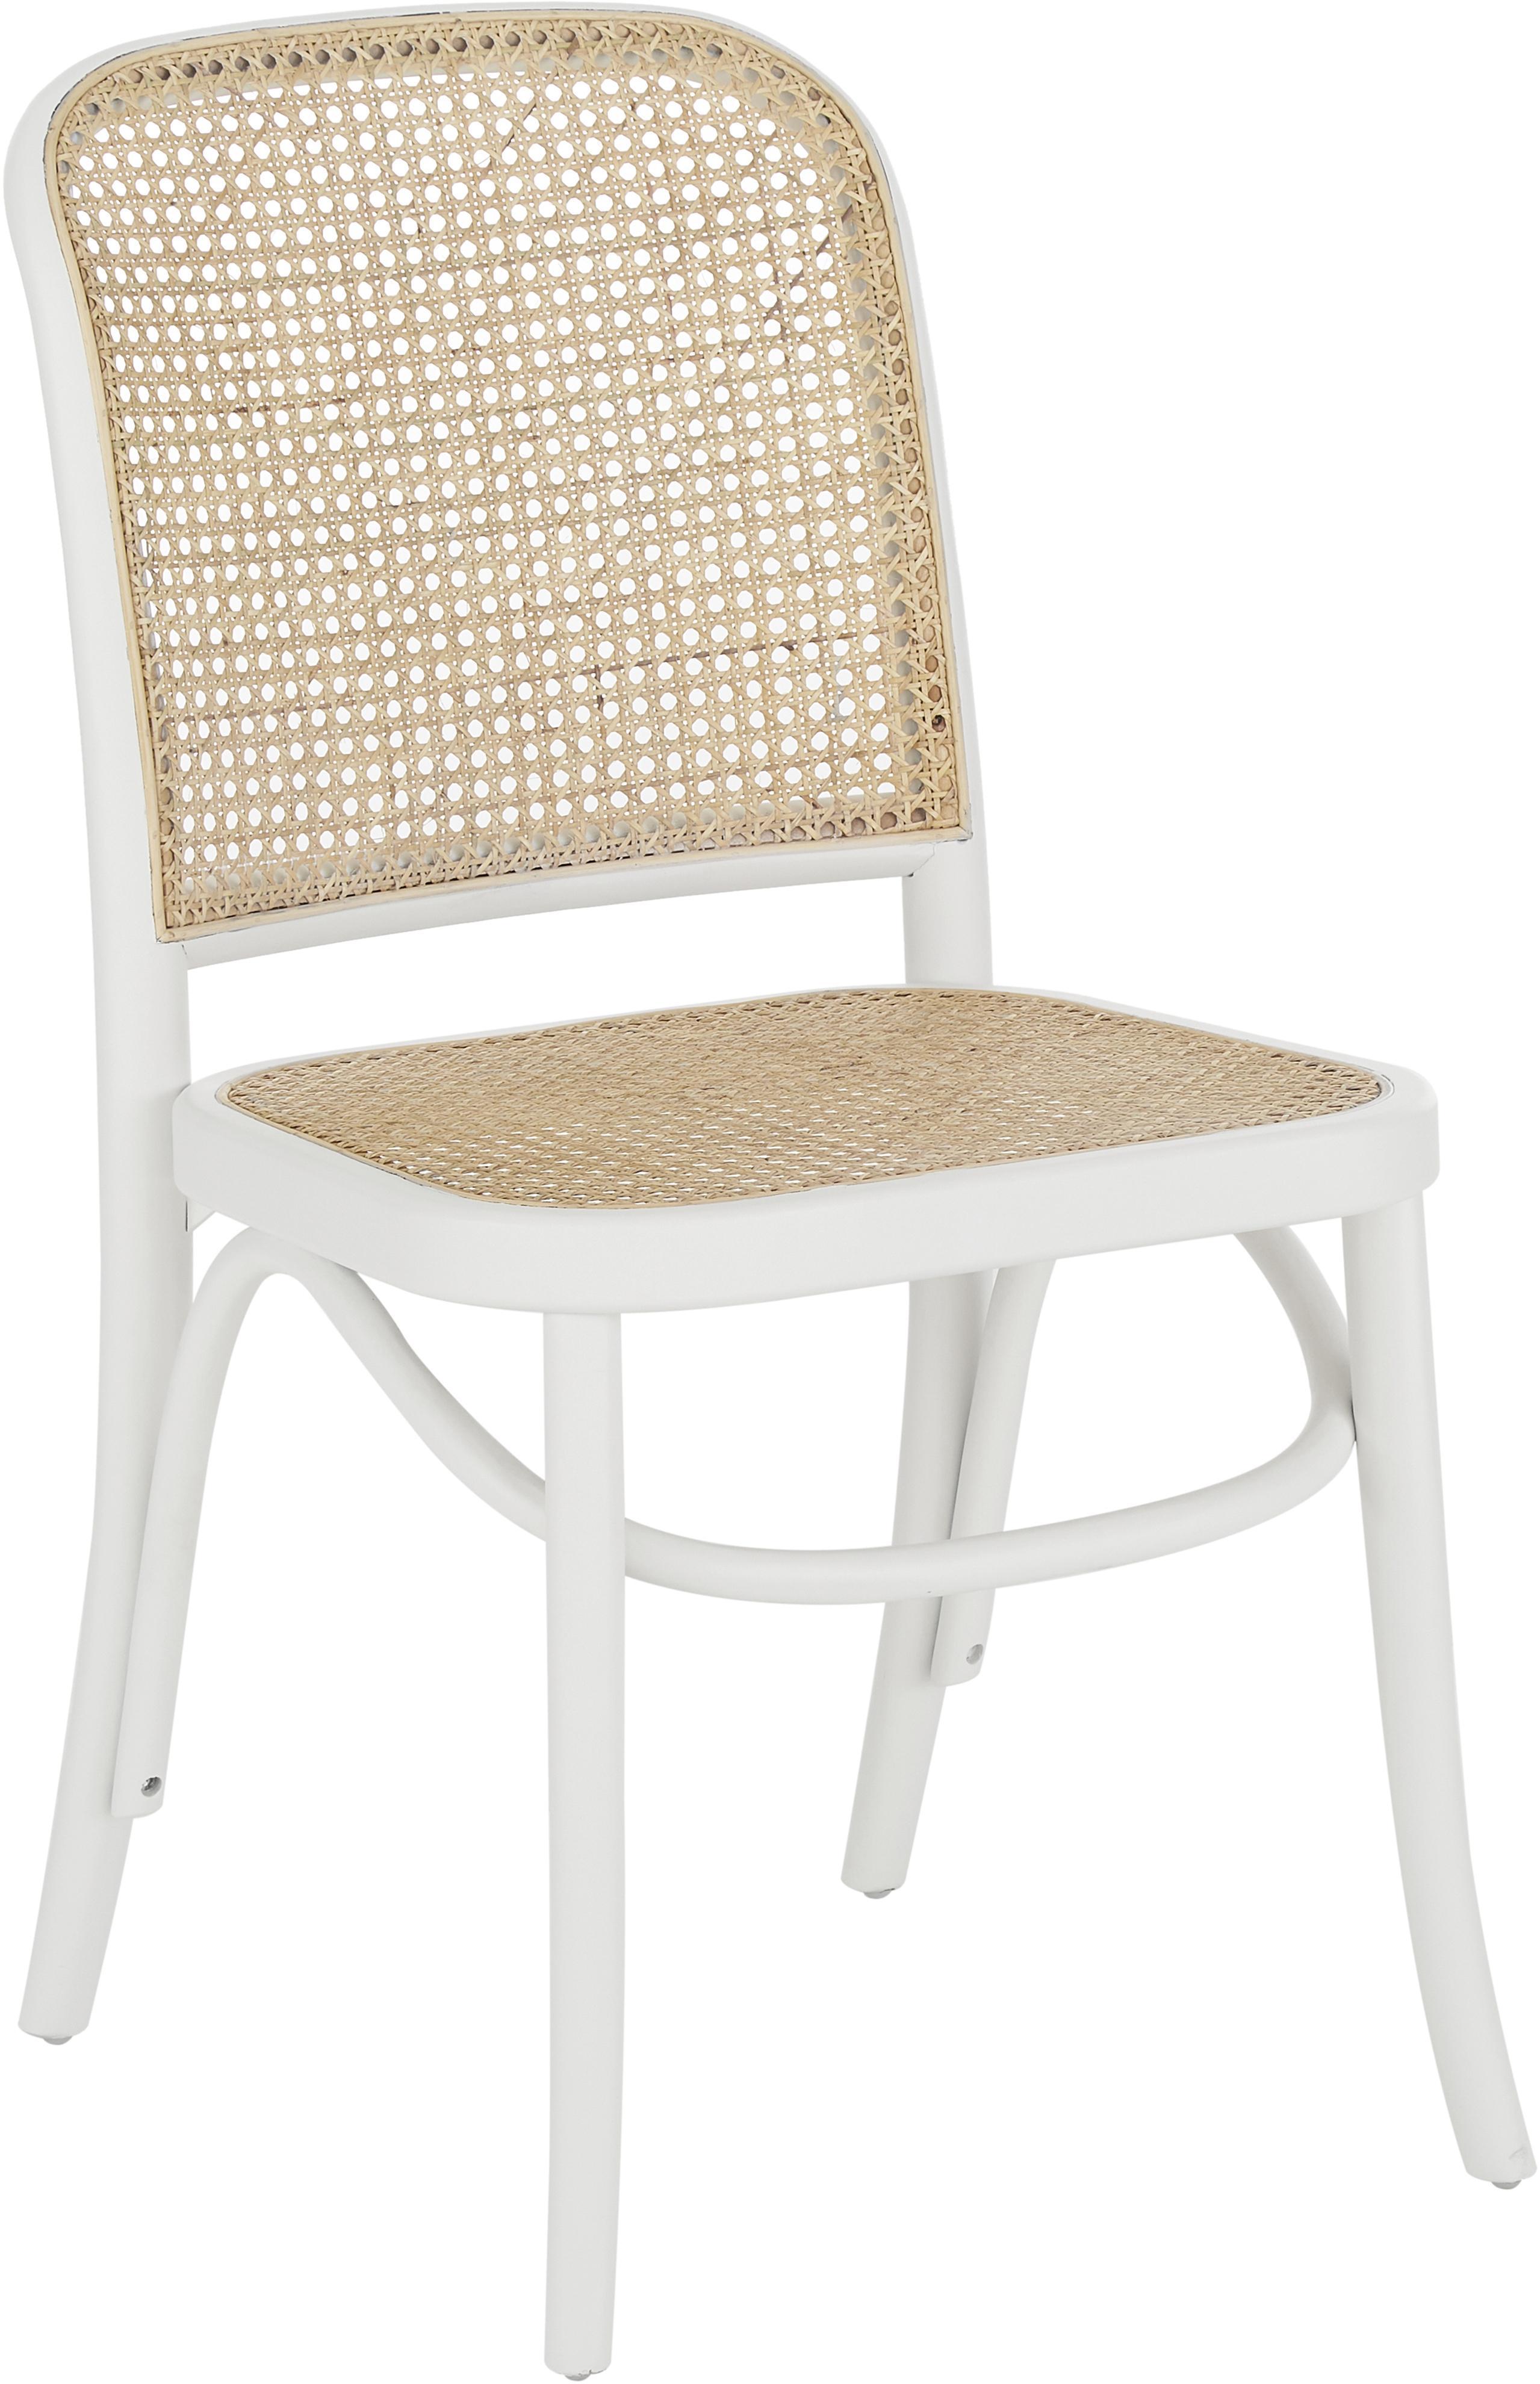 Holzstuhl Franz mit Wiener Geflecht, Sitzfläche: Rattan, Gestell: Massives Birkenholz, lack, Weiß, B 48 x T 59 cm